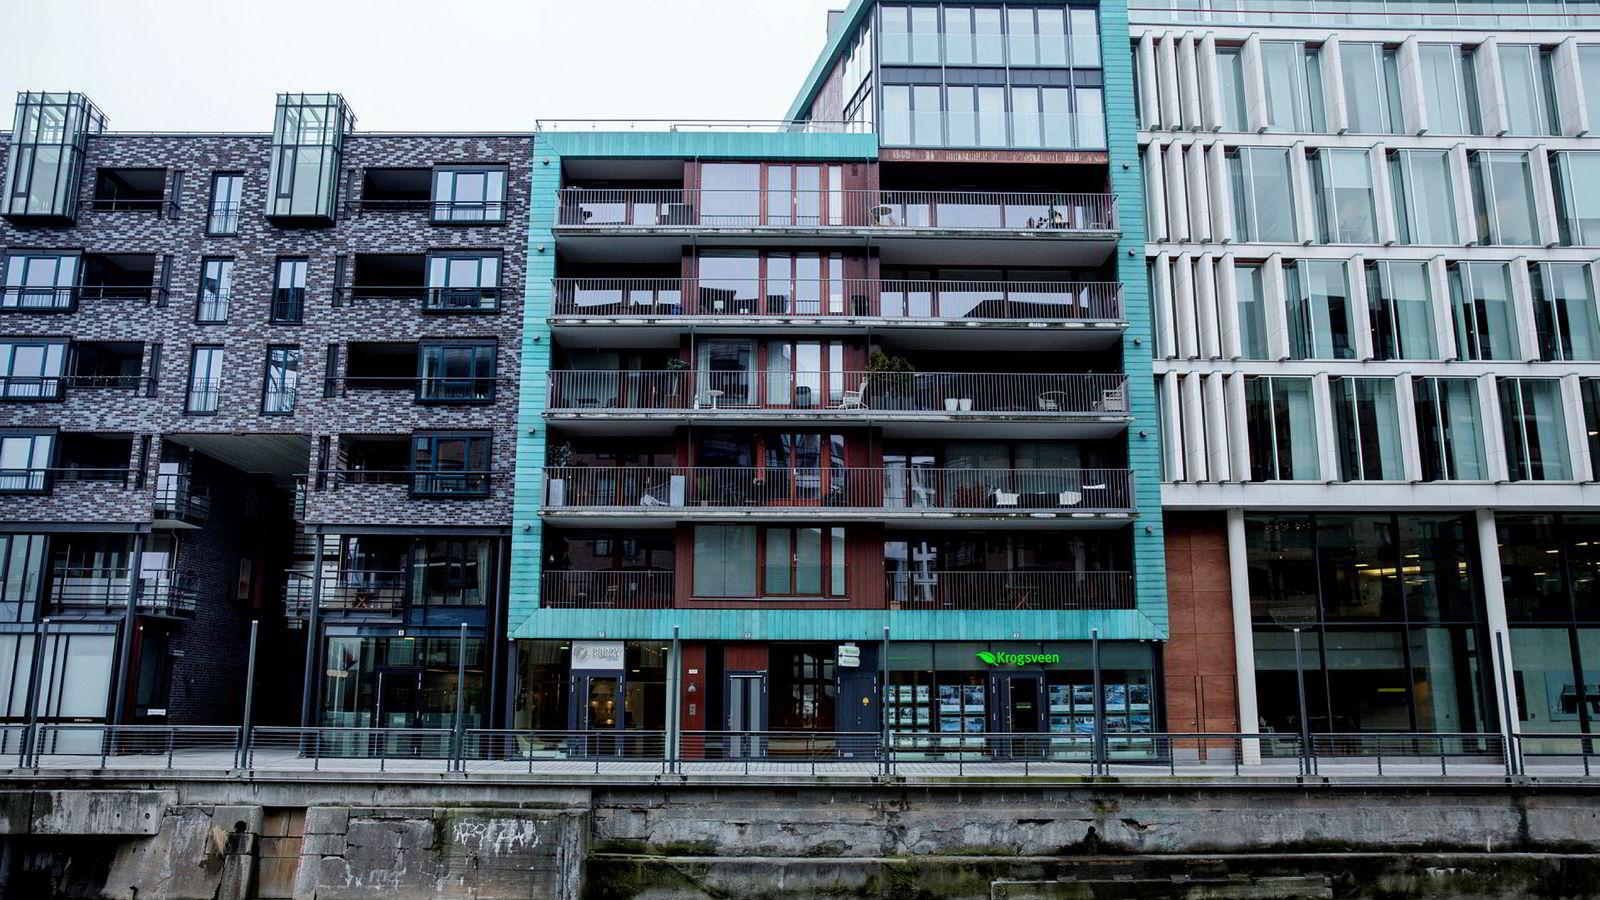 Den norsk-iranske legen (50) kjøpte toppleiligheten i dette bygget i Bolette Brygge 5 på Tjuvholmen for 31 millioner kroner, før han skiftet navn og solgte eiendommen videre.